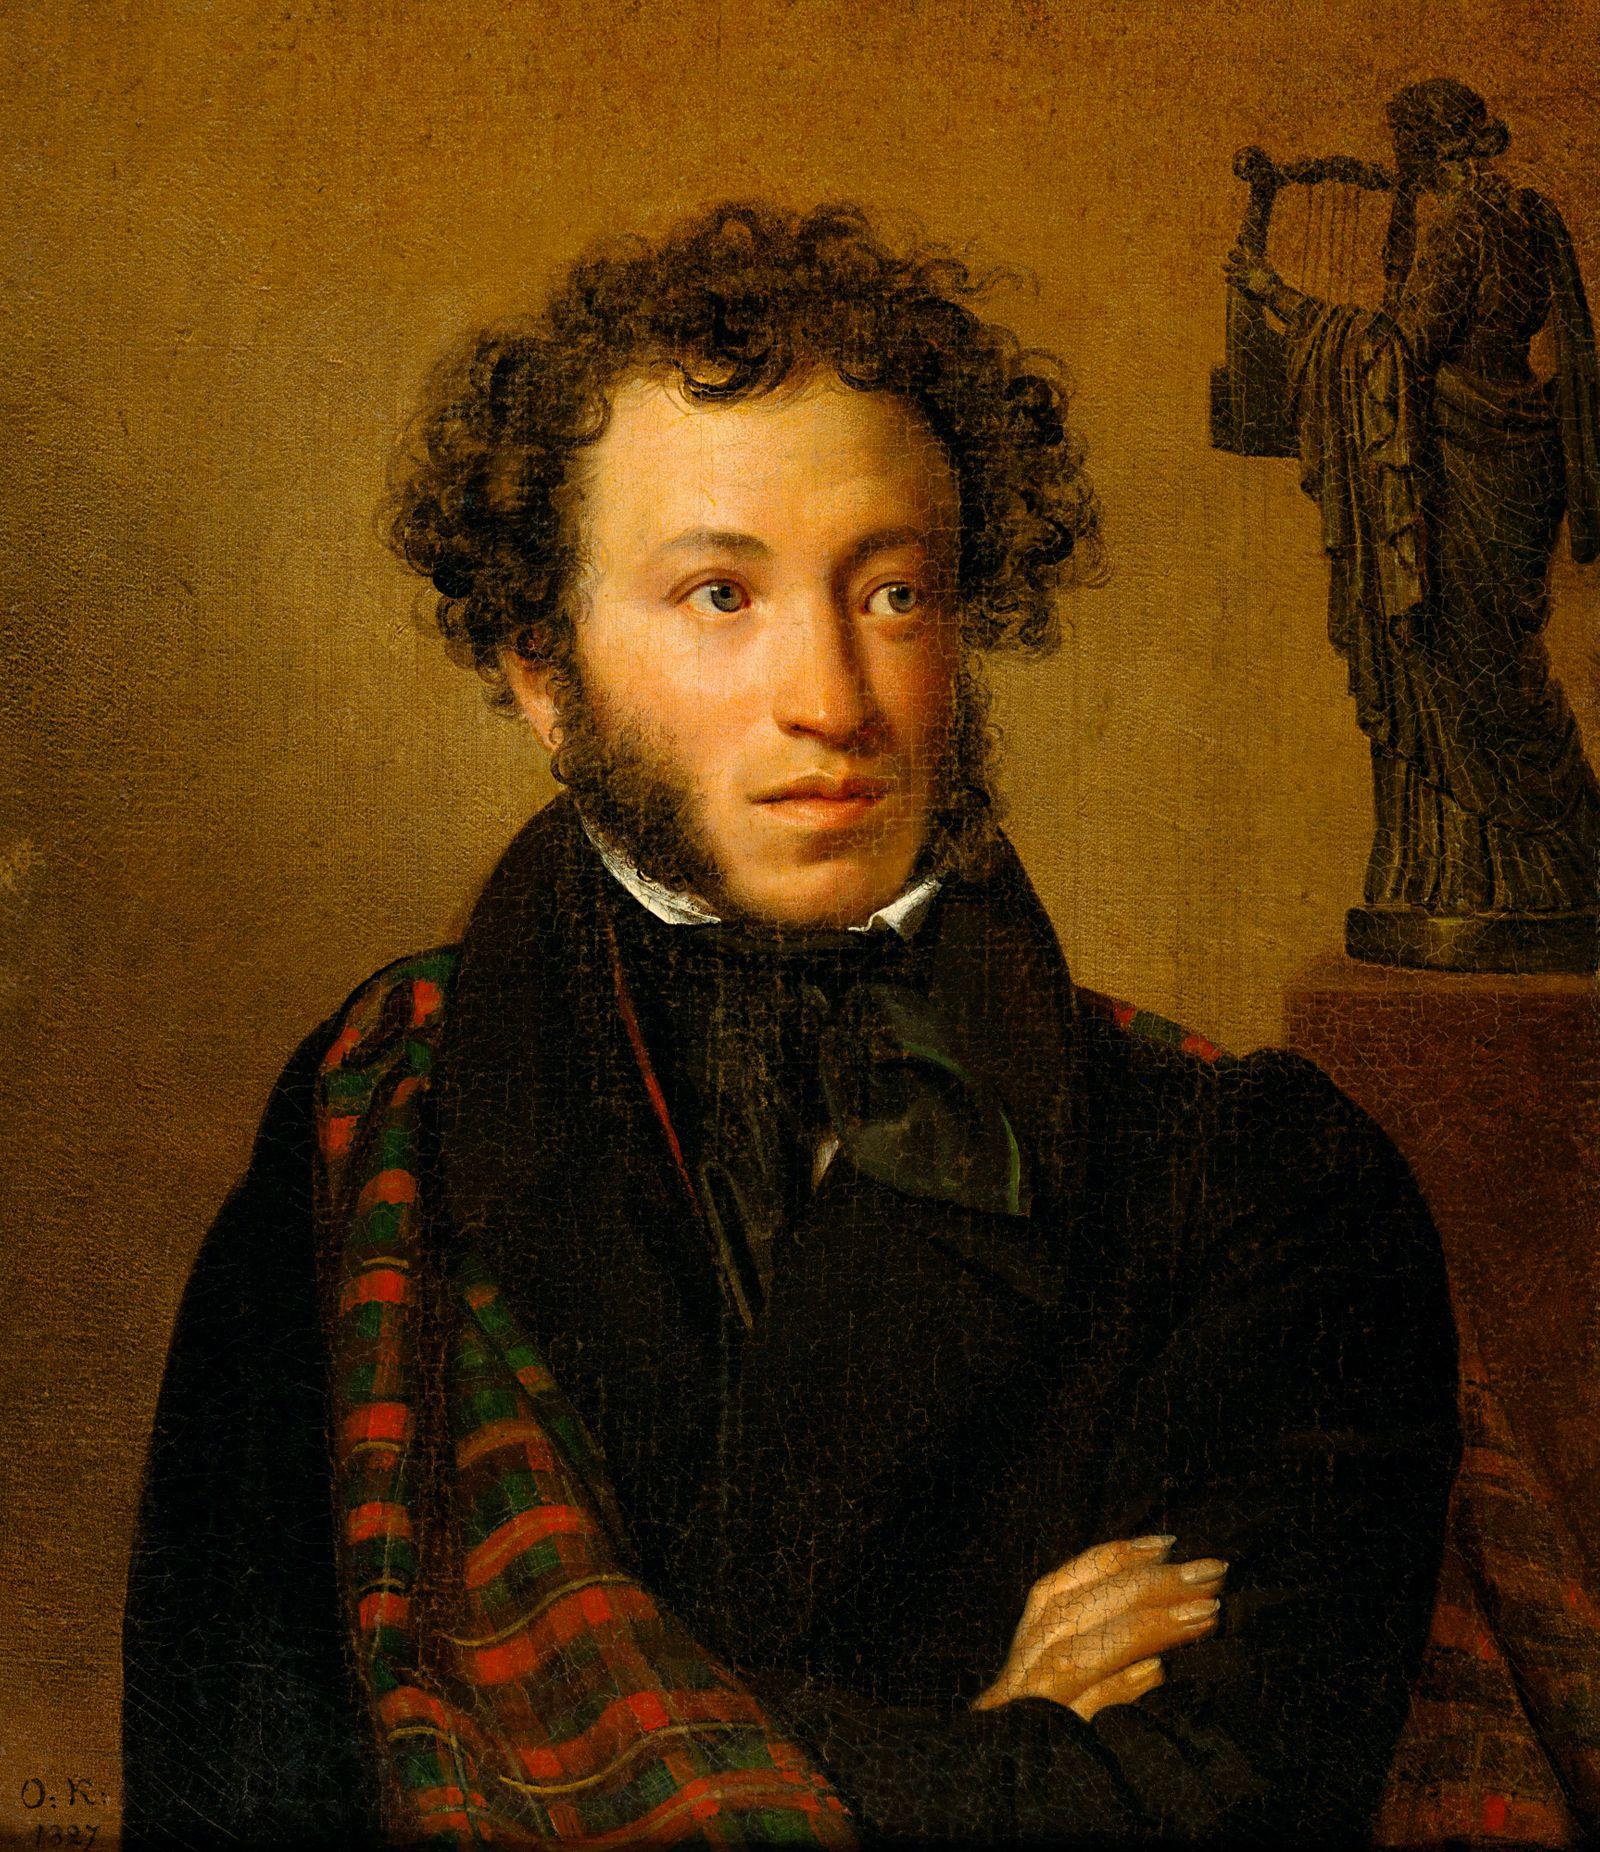 ?Porträt des Dichters Alexander Sergejewitsch Puschkin?, Gemälde, 1827, von Orest Kiprenski